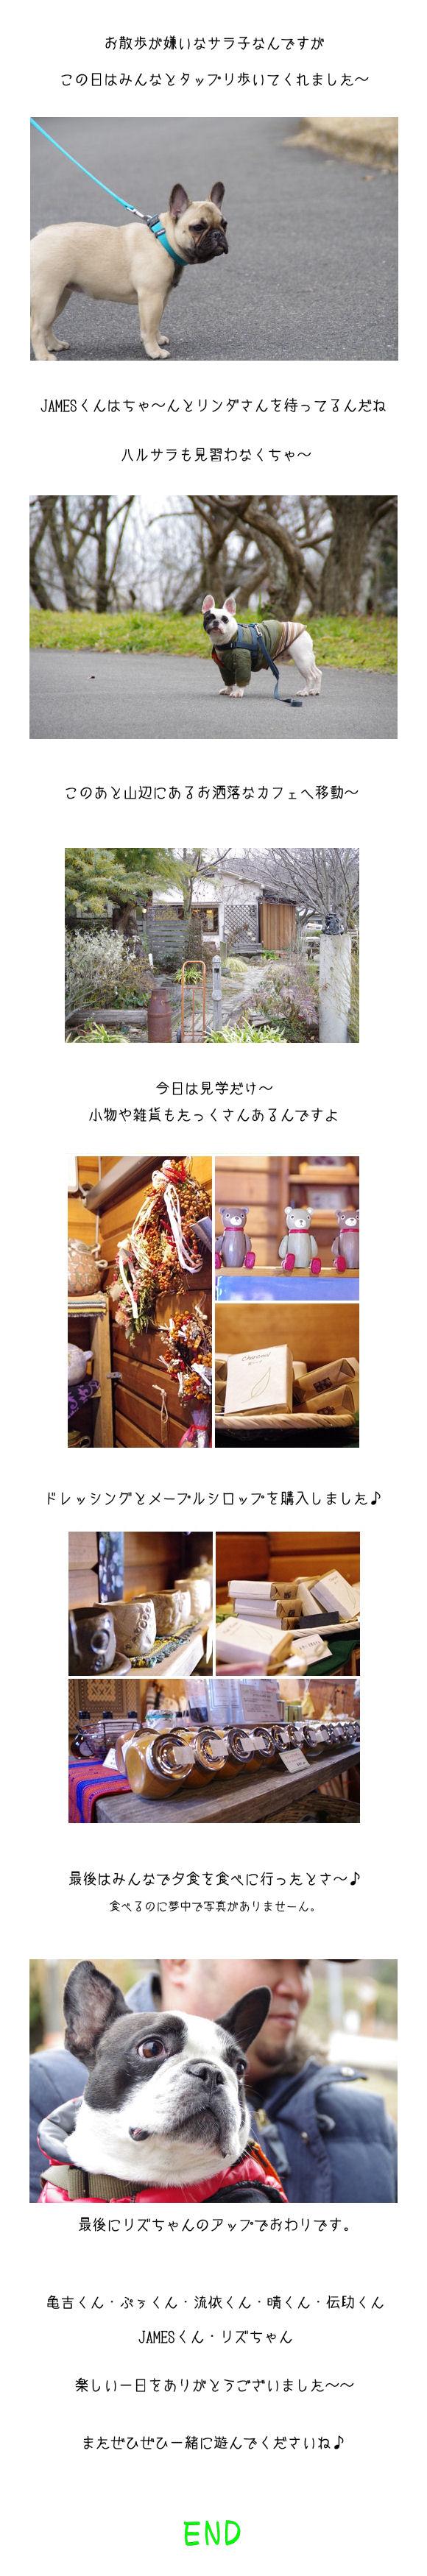 奈良でランランf